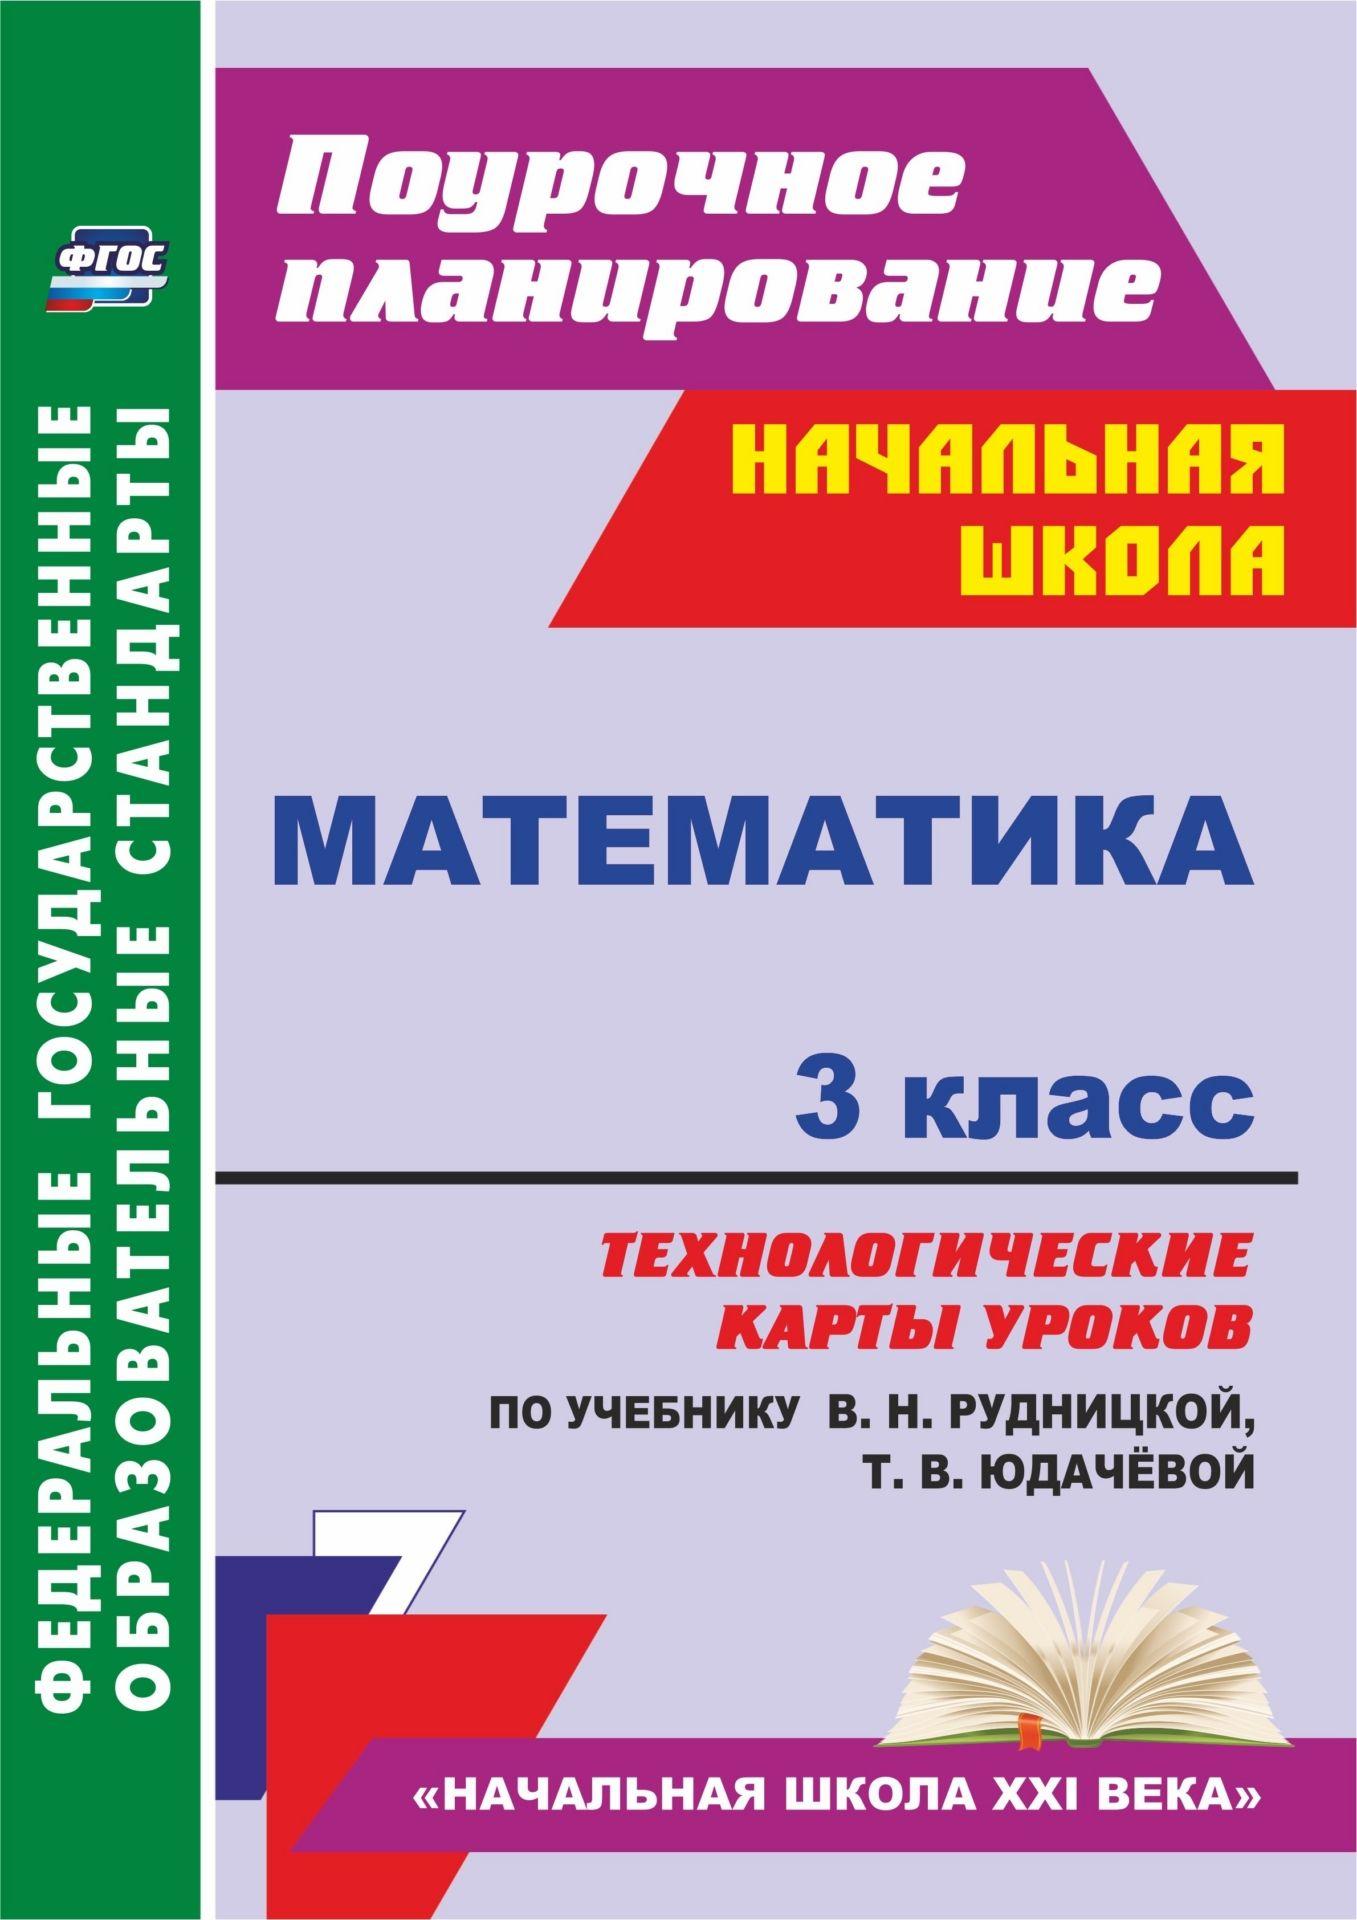 Математика. 3 класс: технологические карты уроков по учебнику В. Н. Рудницкой, Т. В. Юдачёвой